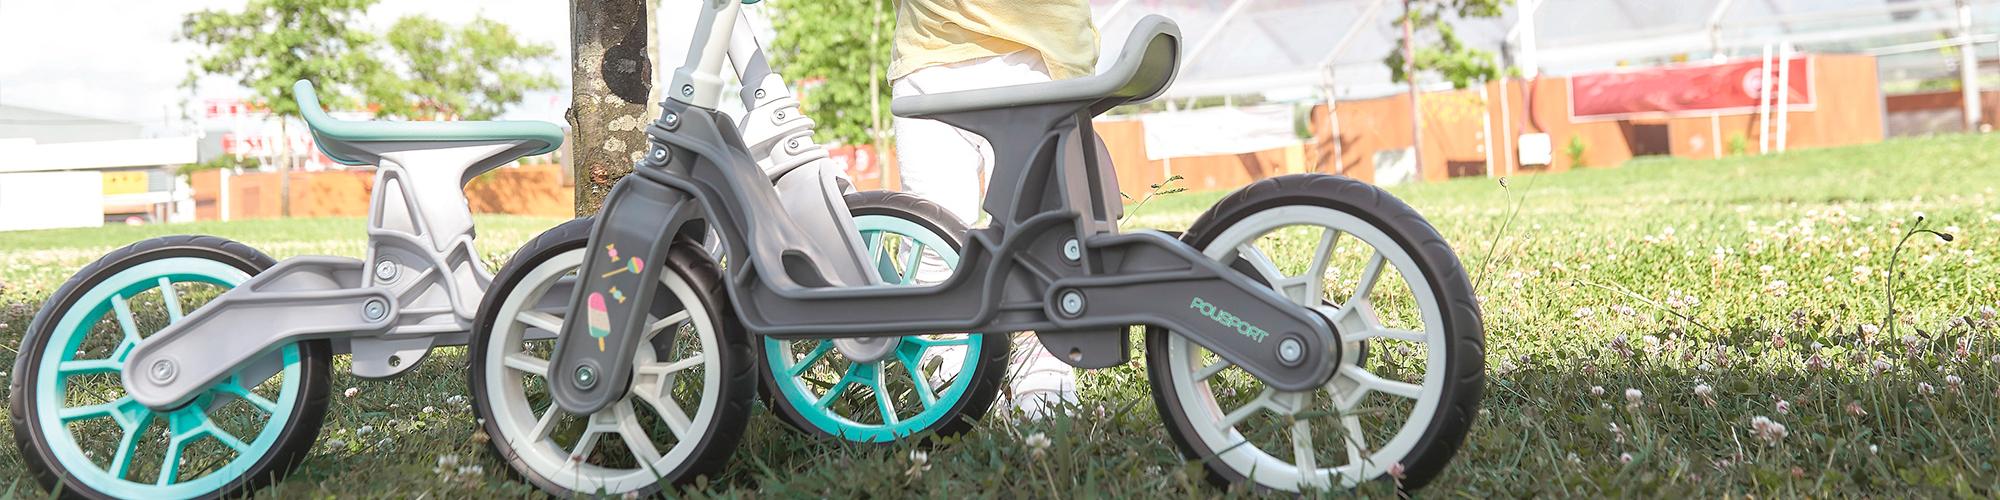 Accesorios moto y bicicleta